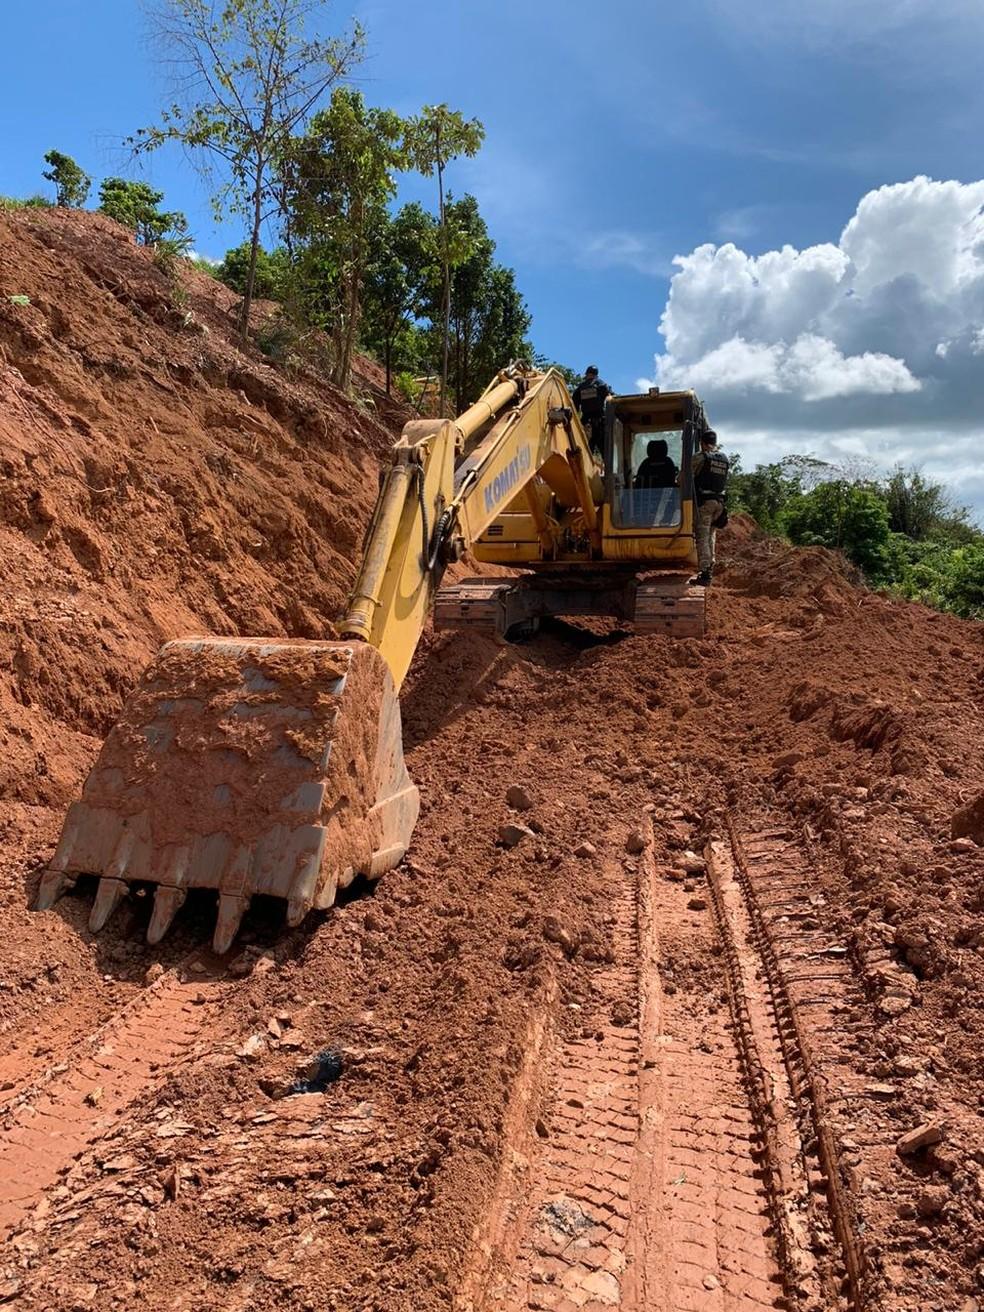 Operação apreende maquinários em área de extração ilegal de minérios no Pará. — Foto: Reprodução / Polícia Federal